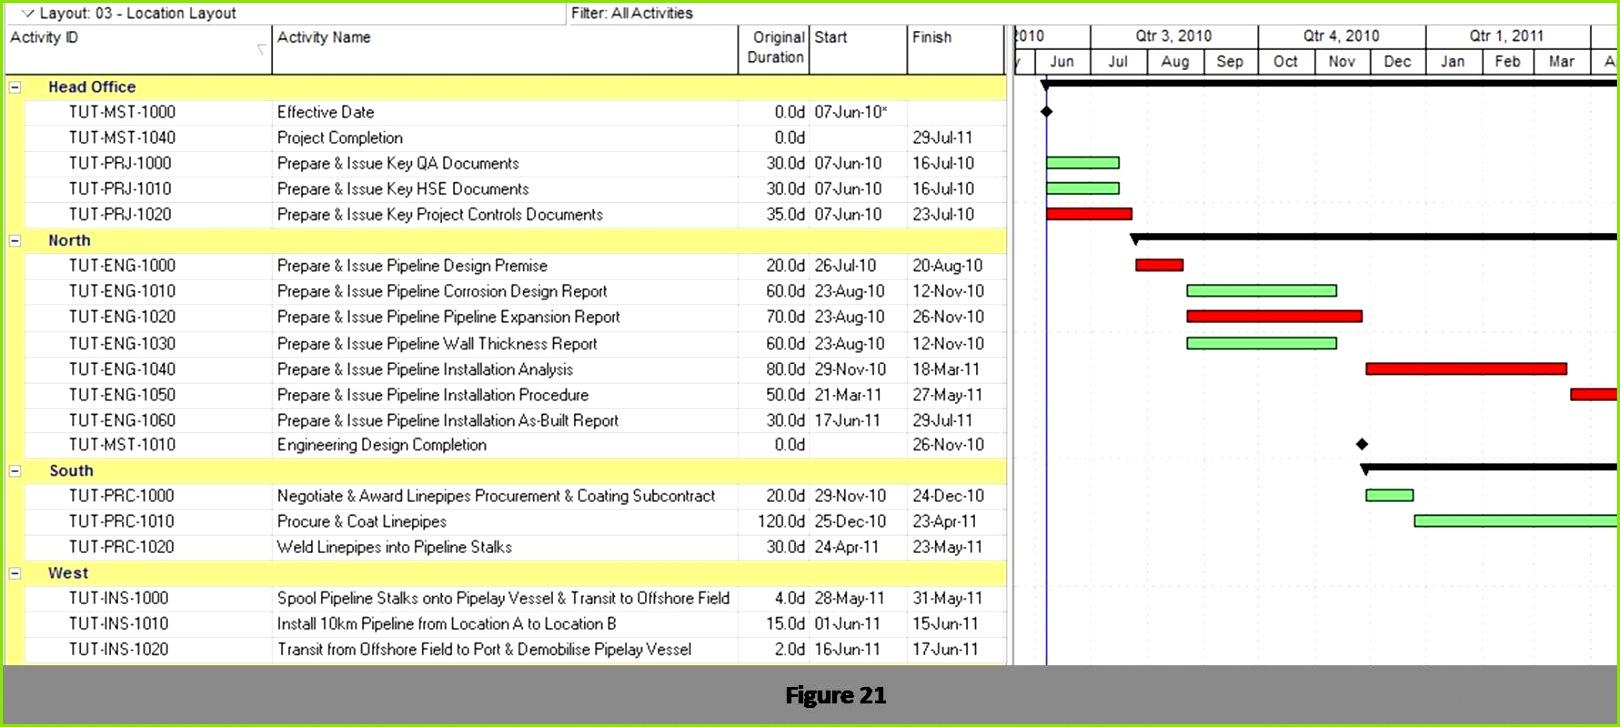 Excel Vorlagen Kostenlos Beautiful Ausgezeichnet Excel Vba Vorlagen Fotos Entry Level Resume Vorlagen